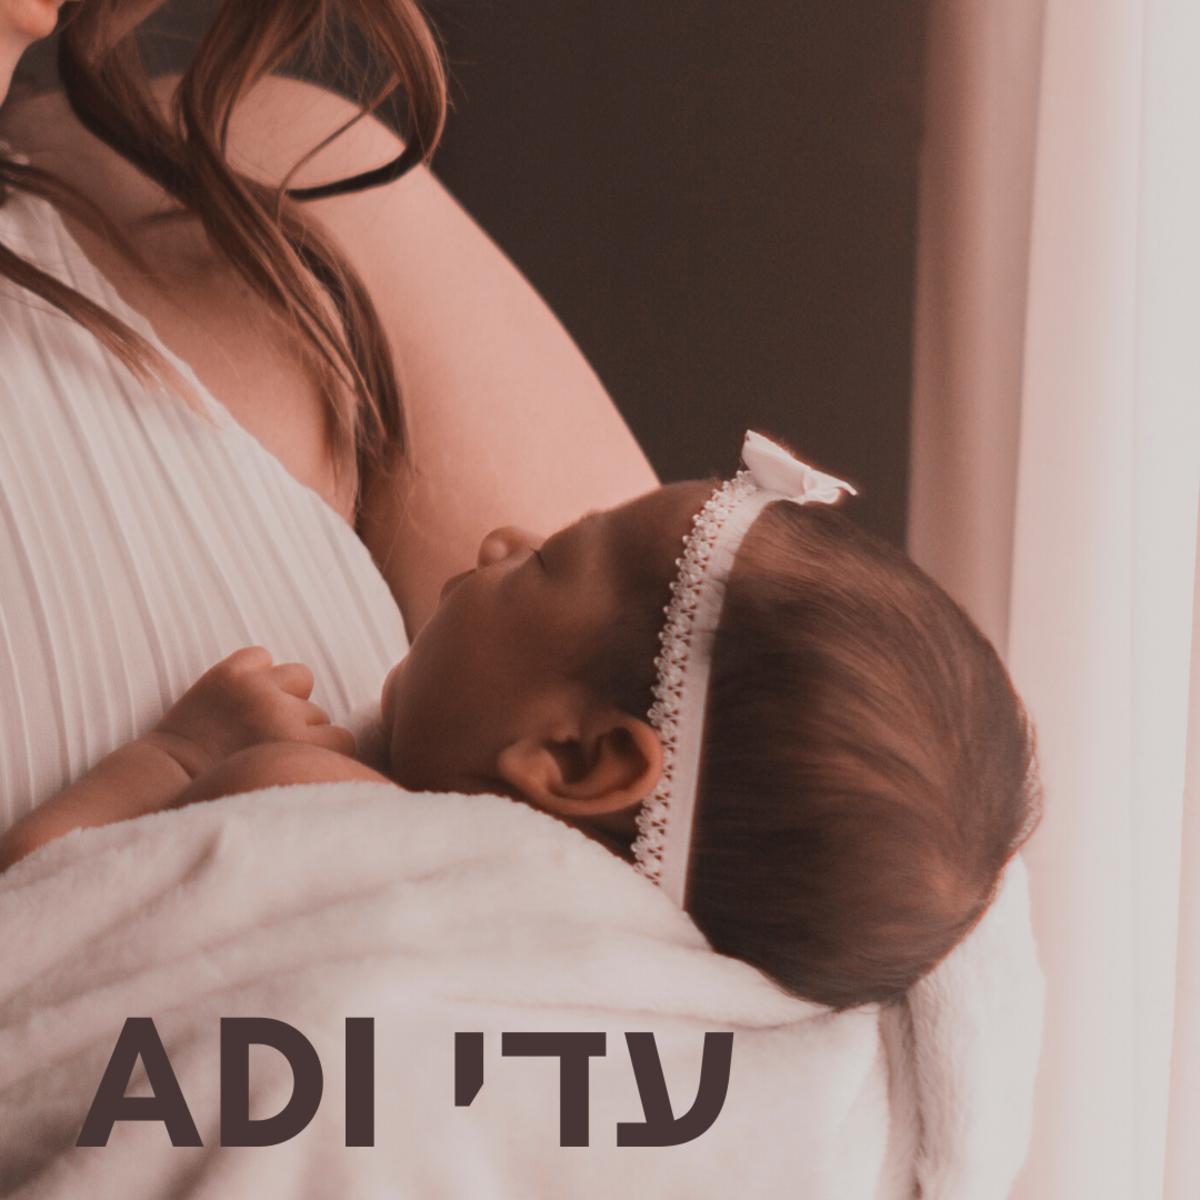 Baby Adi